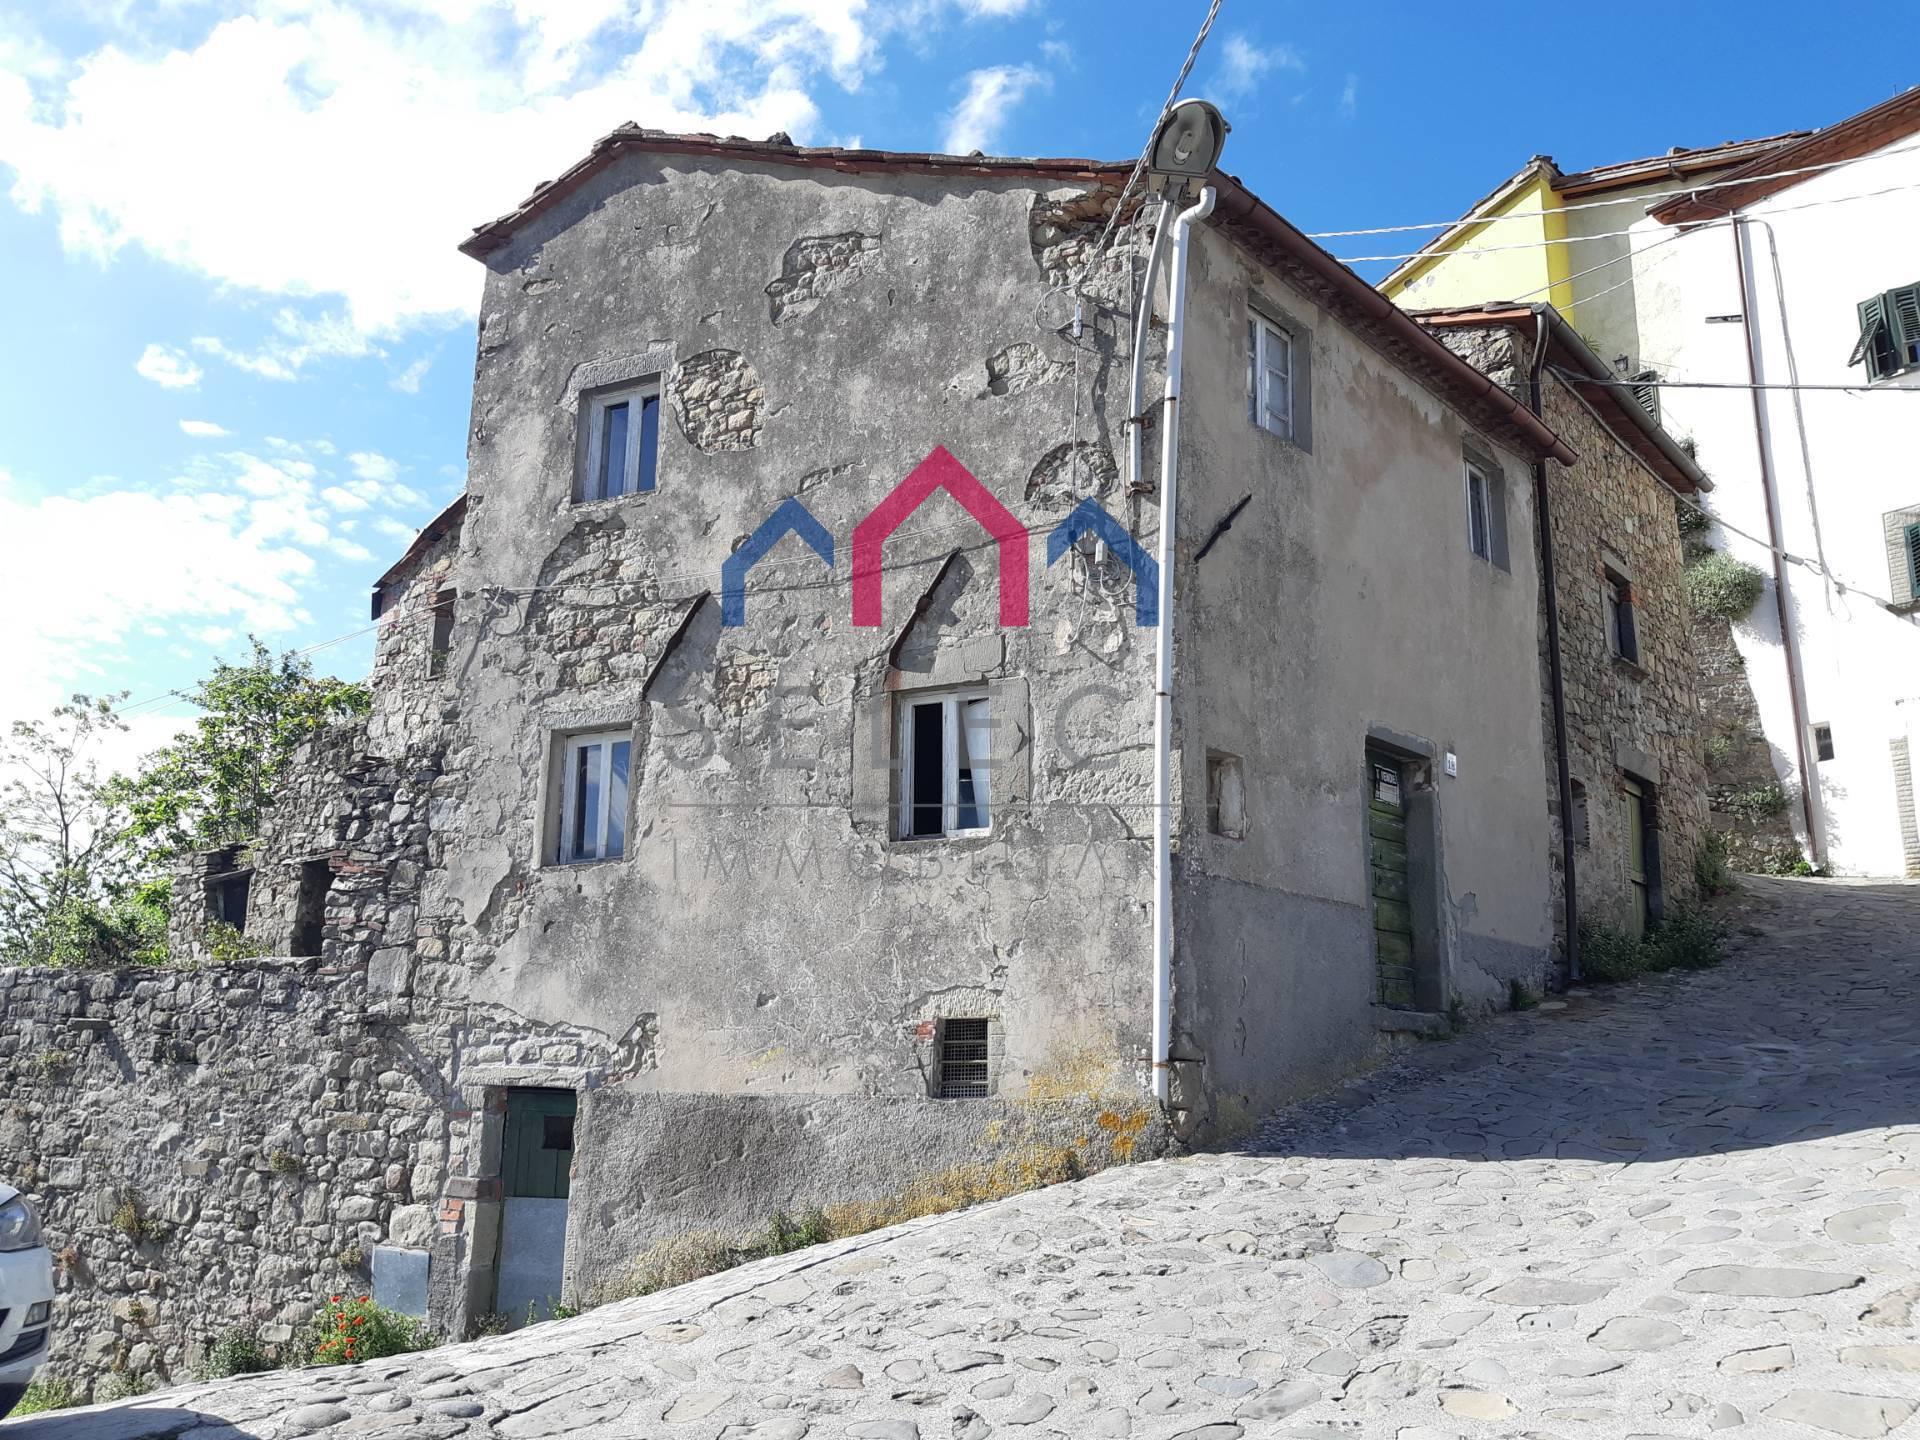 Soluzione Semindipendente in vendita a Bagni di Lucca, 6 locali, zona Zona: Lugliano, prezzo € 35.000 | CambioCasa.it